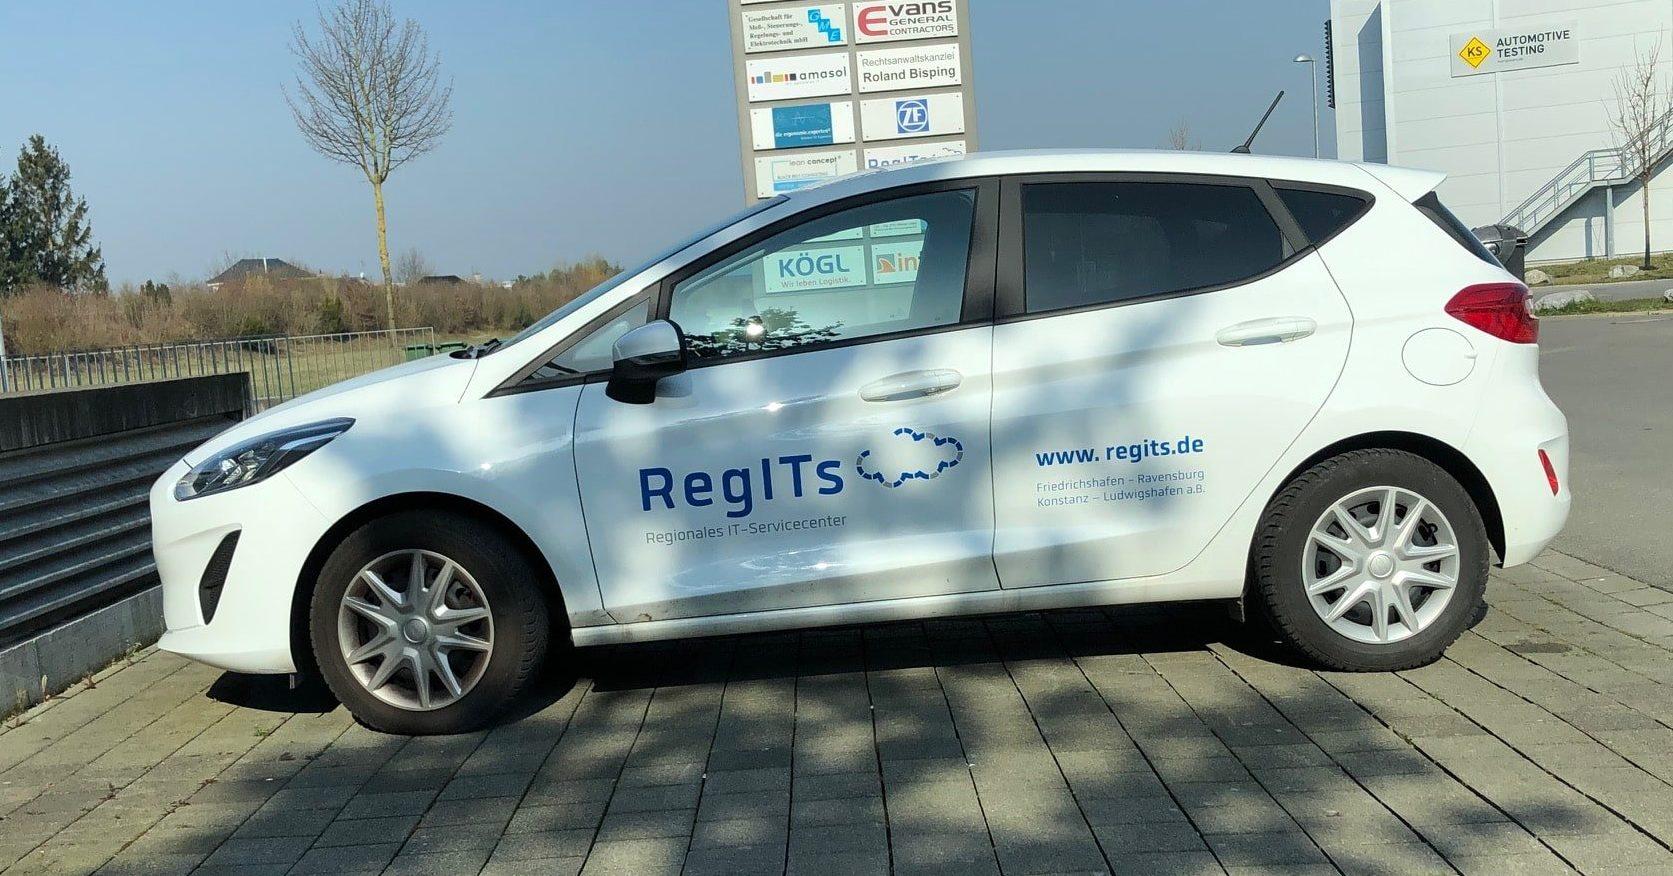 RegITs & sysworx investieren in die Nähe zum Kunden